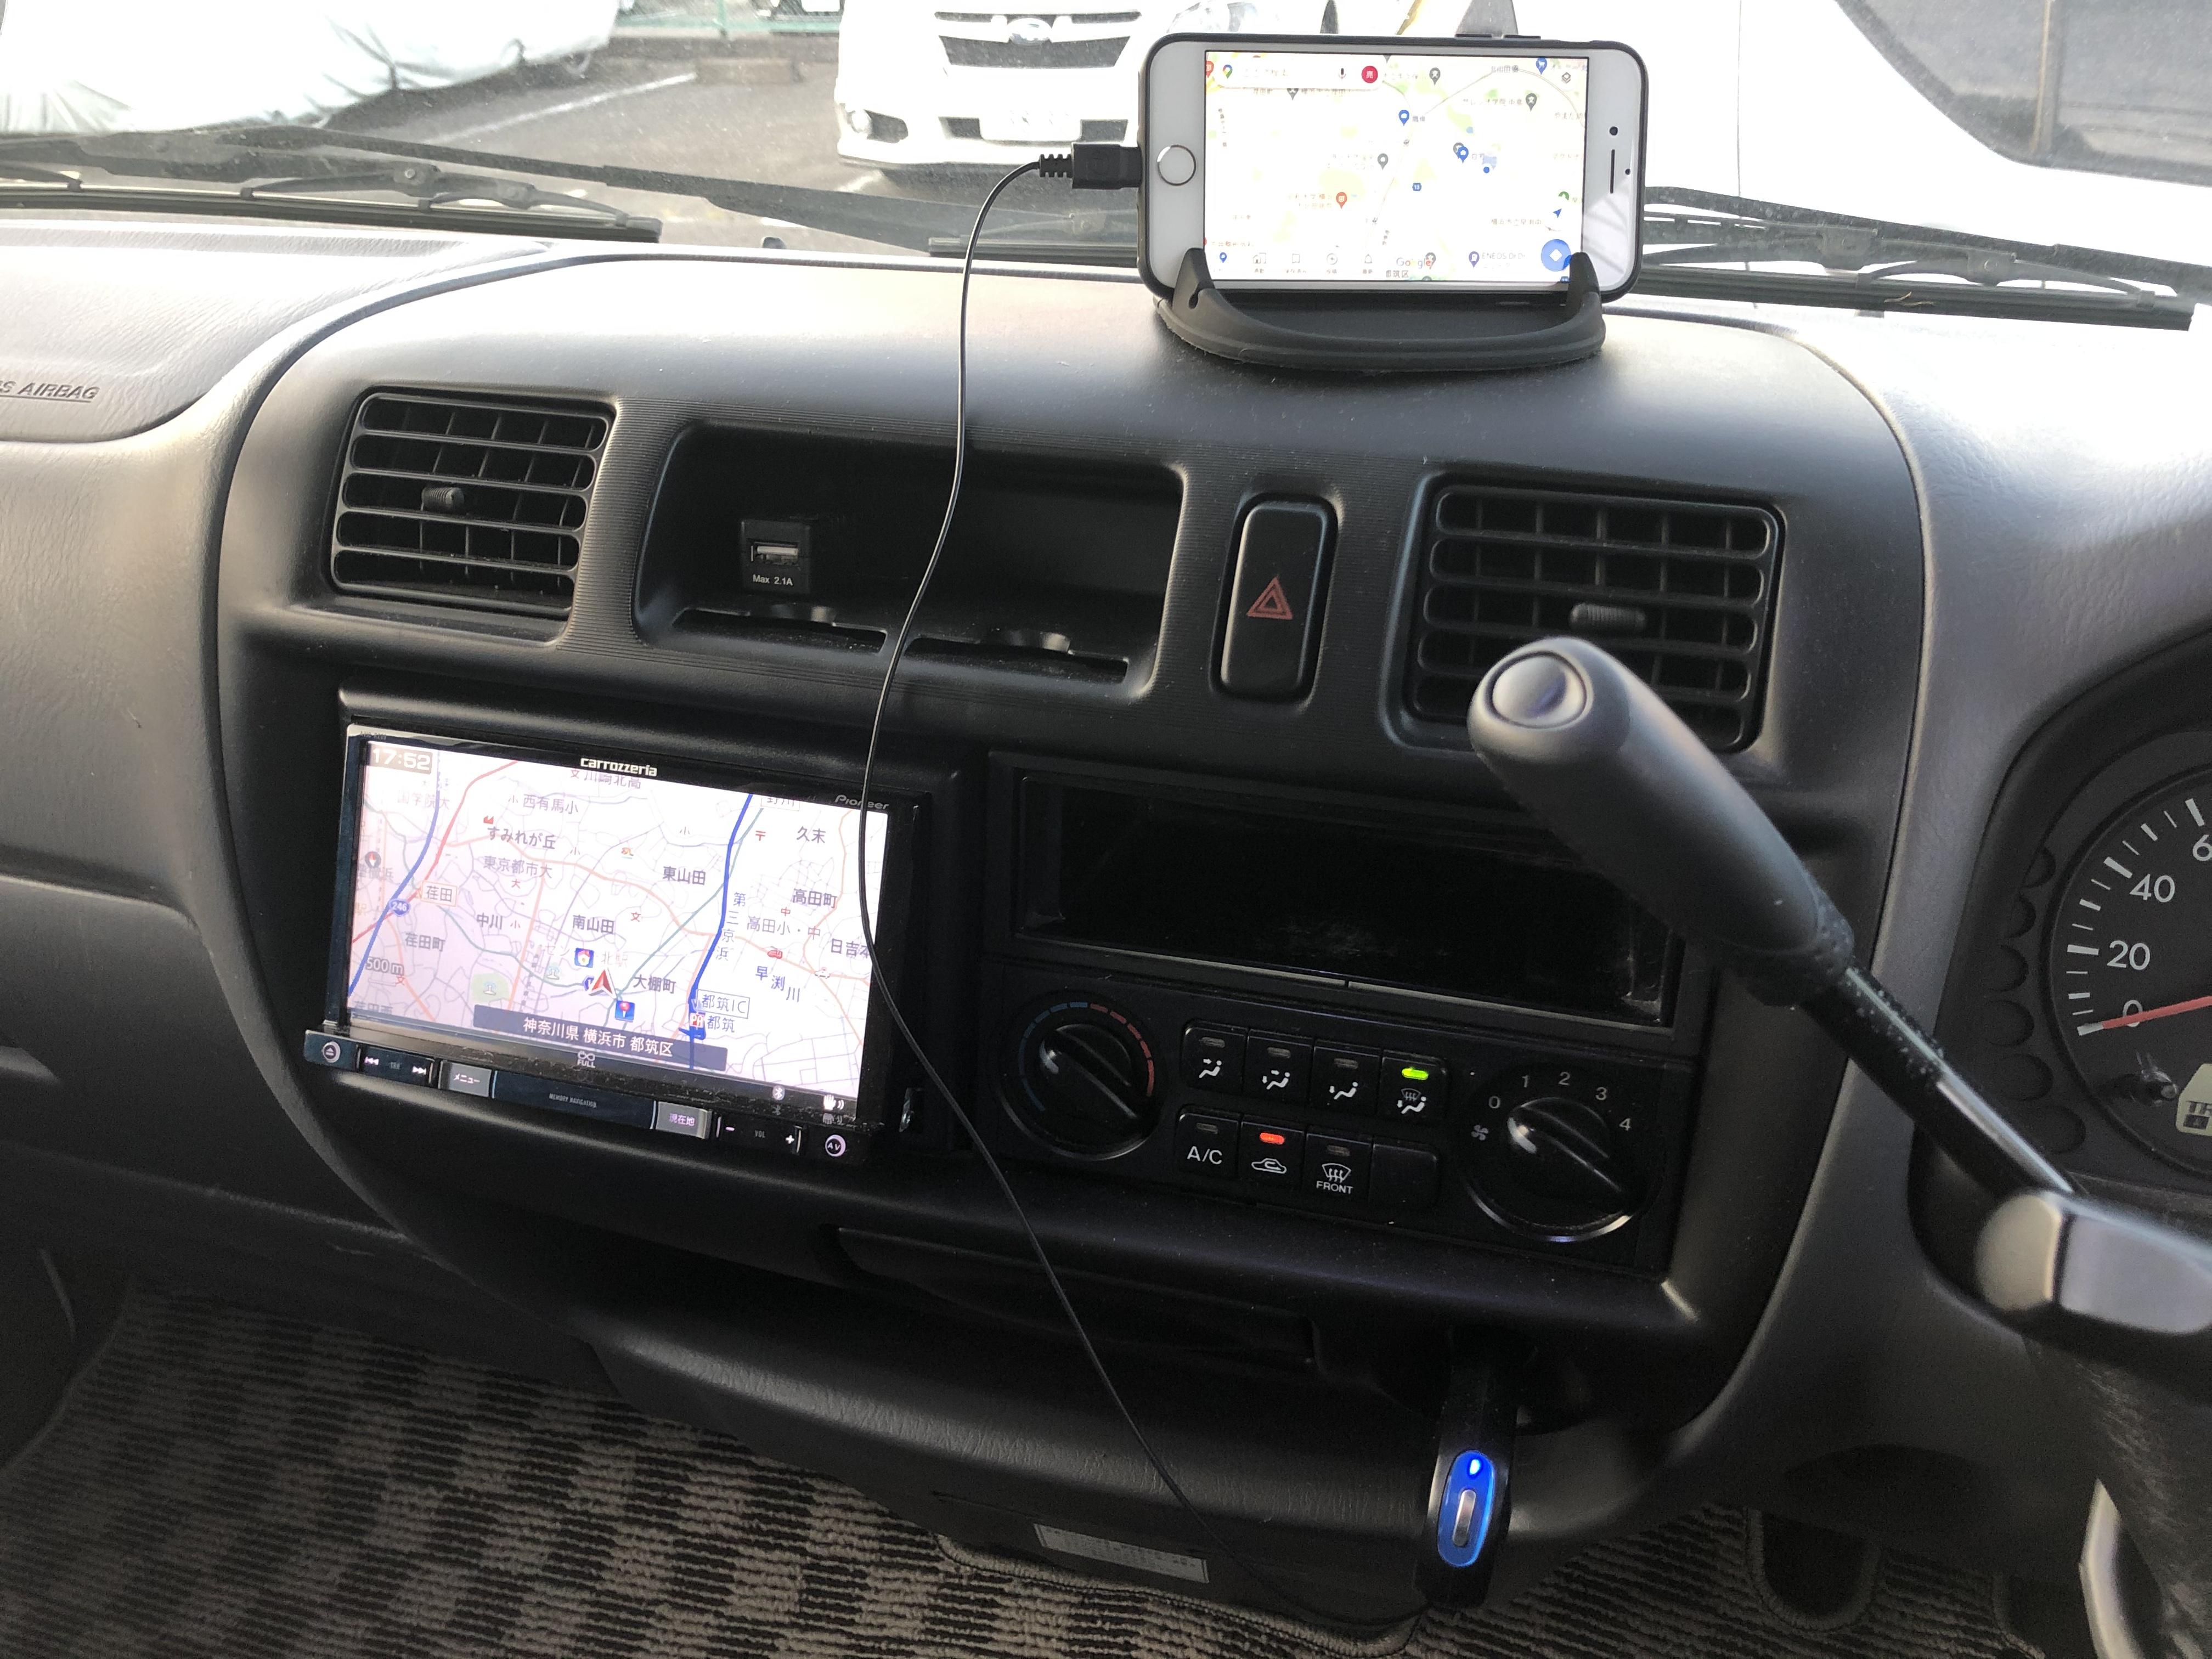 カロッツェリアNAVI 低いので携帯ナビをおすすめします。Bluetooth接続でお好みの音楽でドライブ